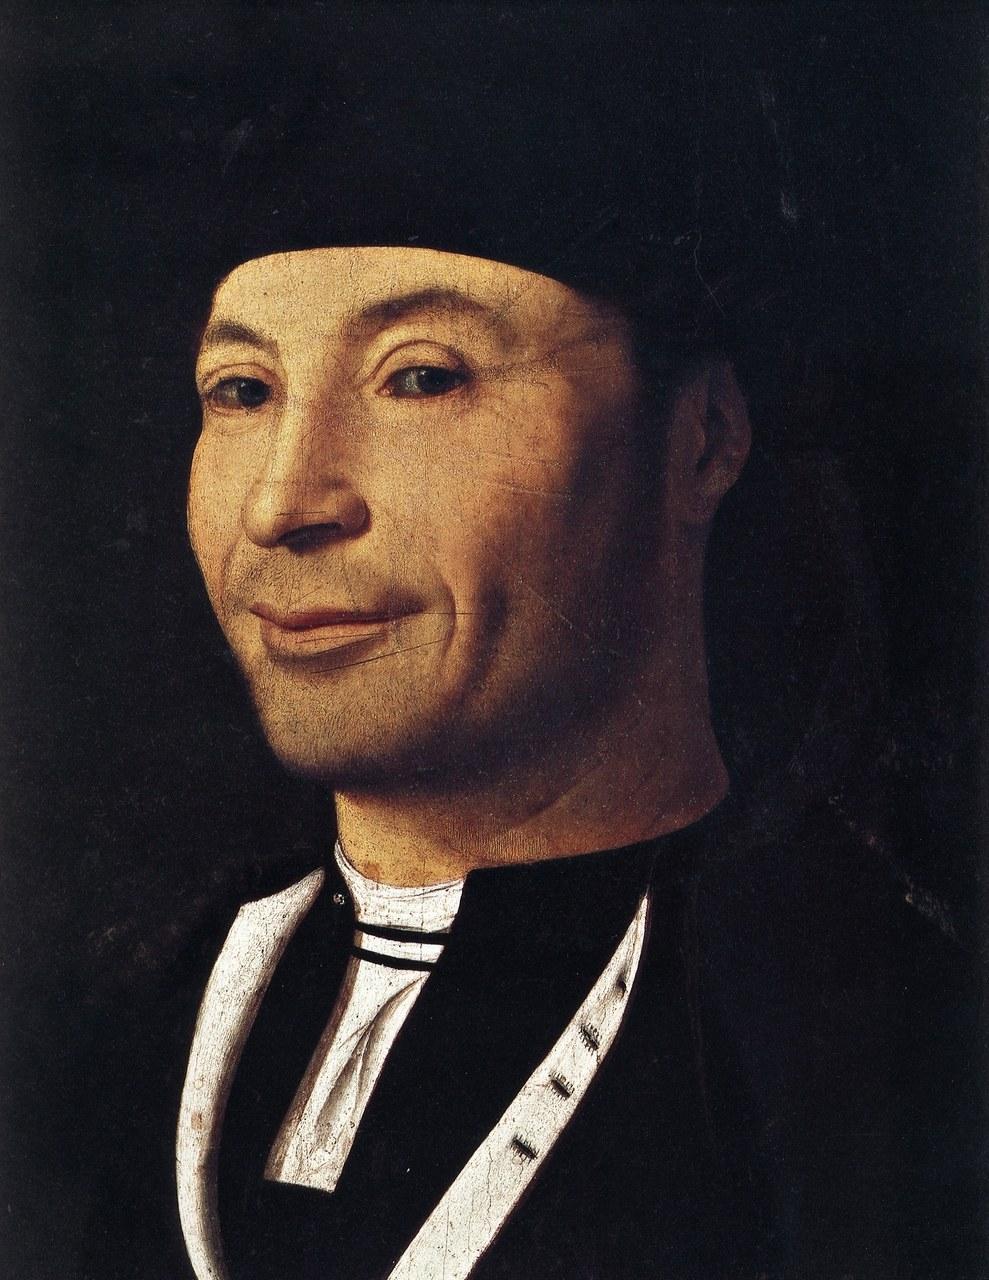 Antonello da Messina, Ritratto d'ignoto, olio su tavola (1465-1476